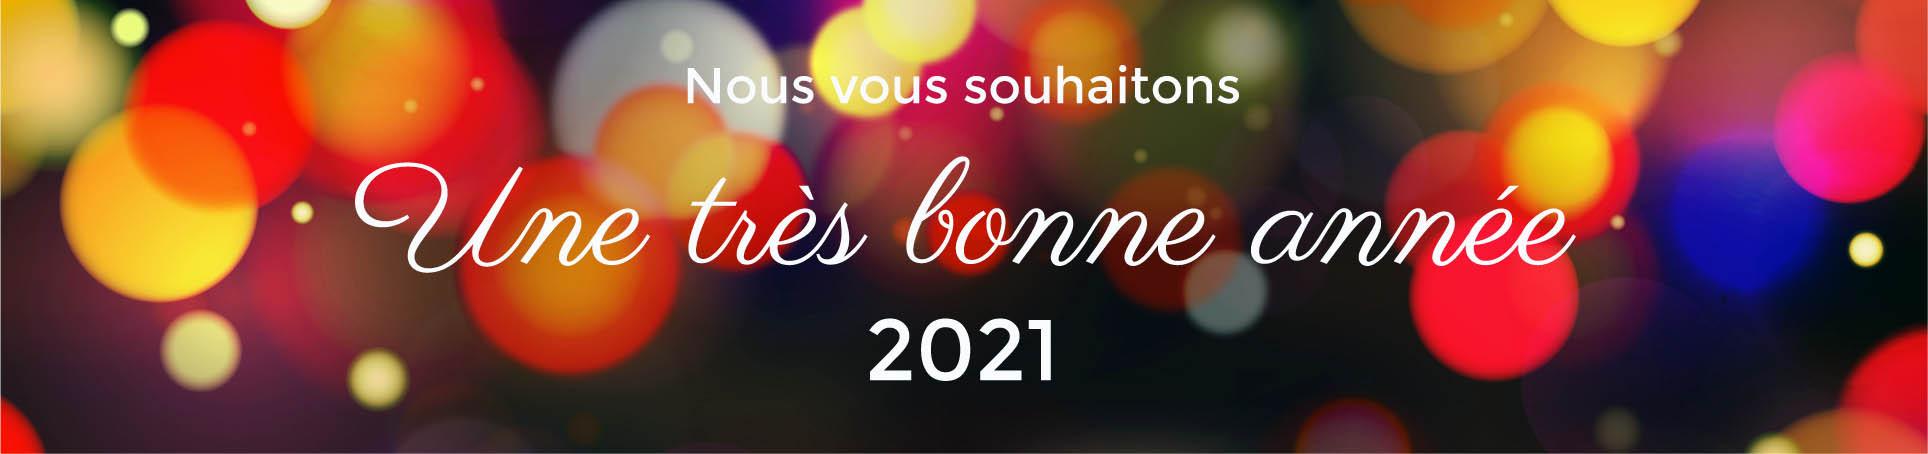 Nous vous souhaitons une excellente année 2021